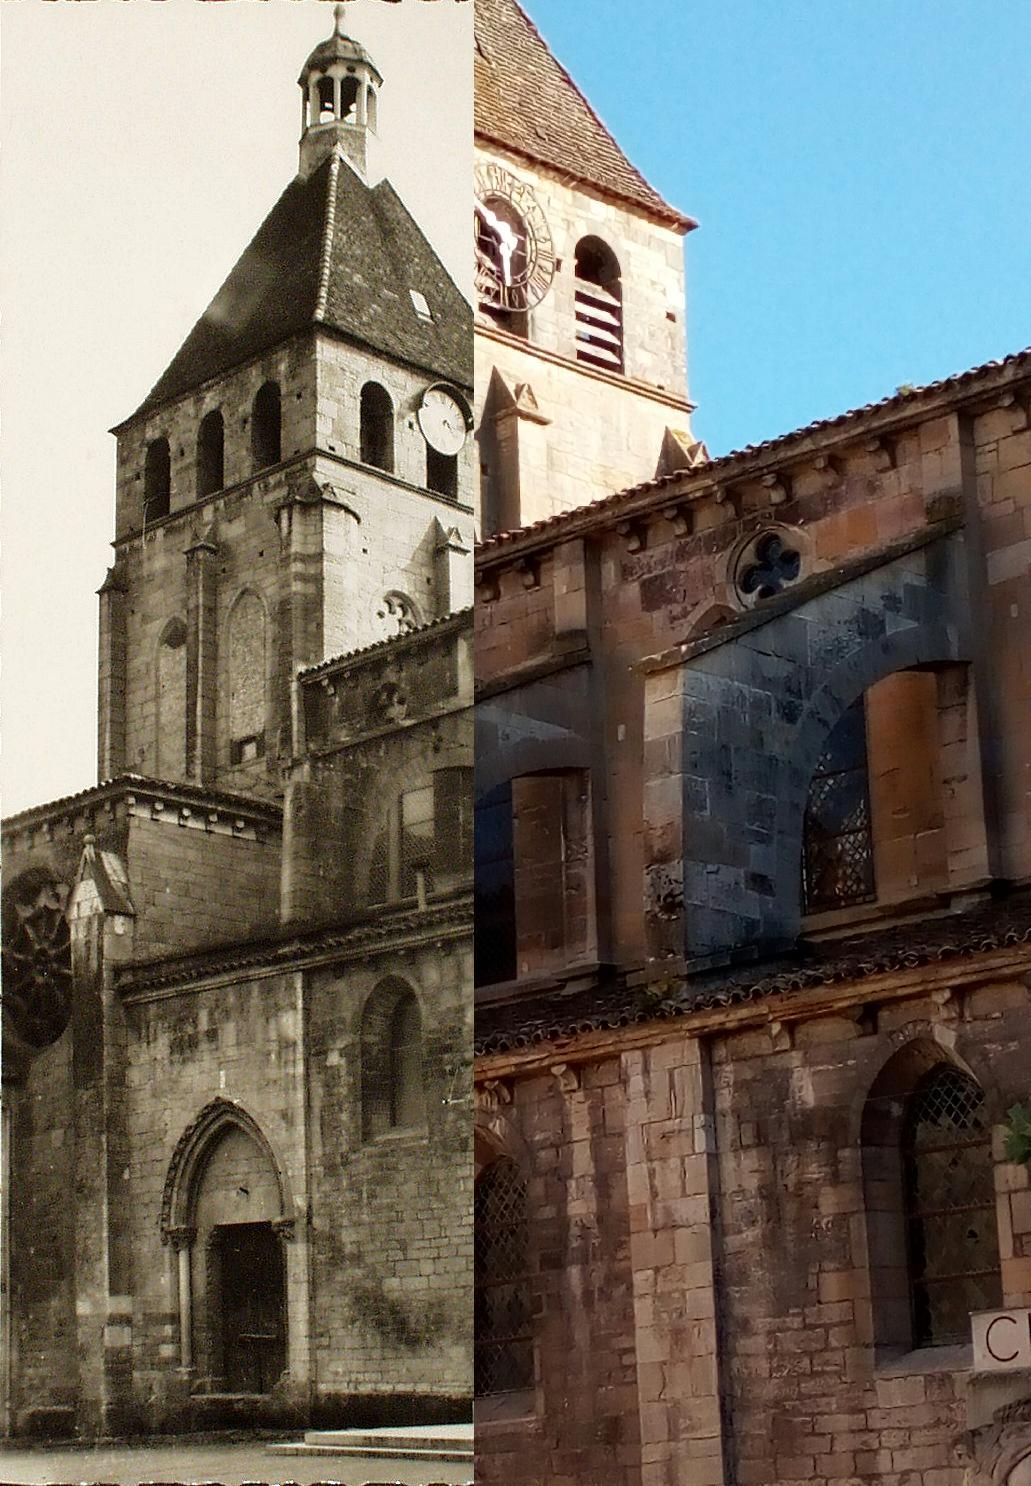 Cluny - Cluny. Clocher de l'église Notre-Dame et monument du Clunysois aux victimes de la guerre 1939-1945. M. Gaumont sculpteur. M Sallez architecte.